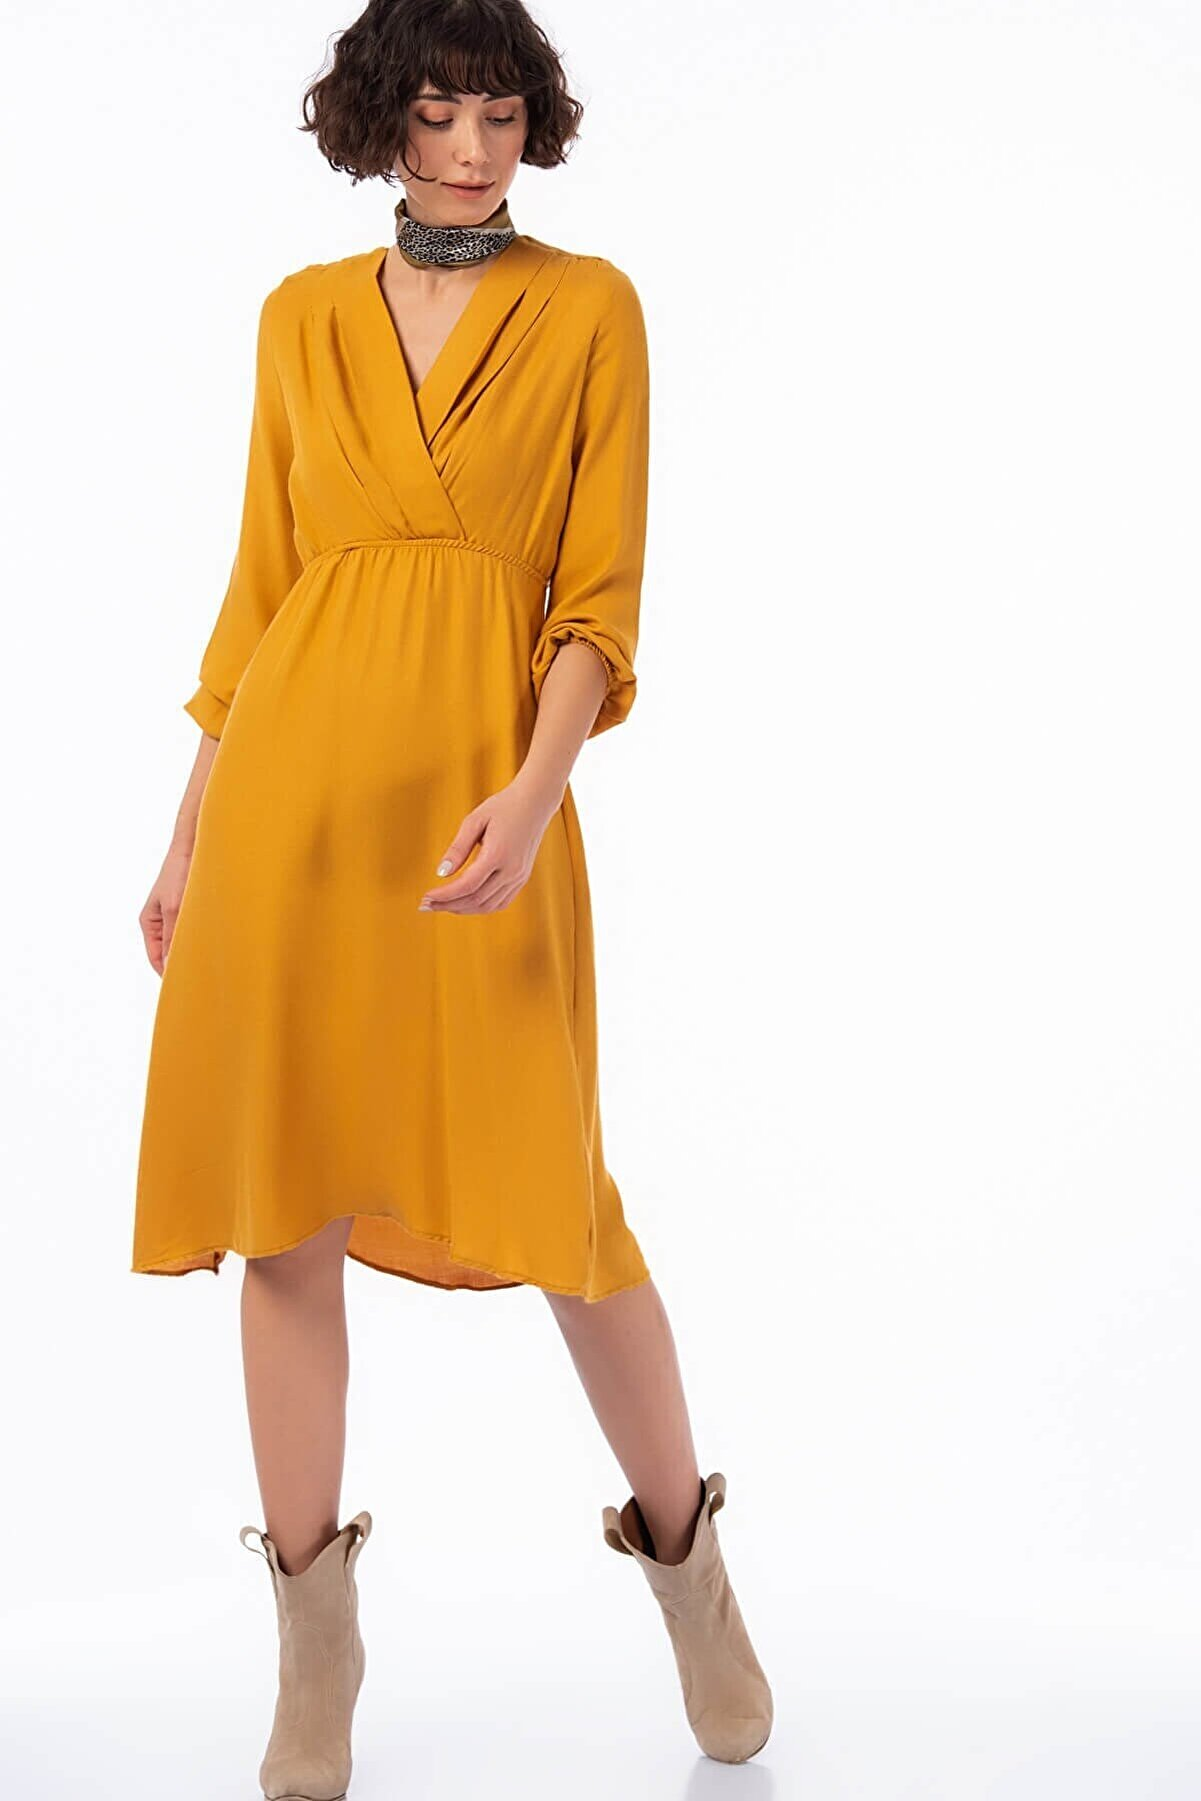 Cotton Mood Kadın Hardal Yün Viskon Şardon Beli Lasikli Kruvaze Yaka Pileli Elbise 8422424